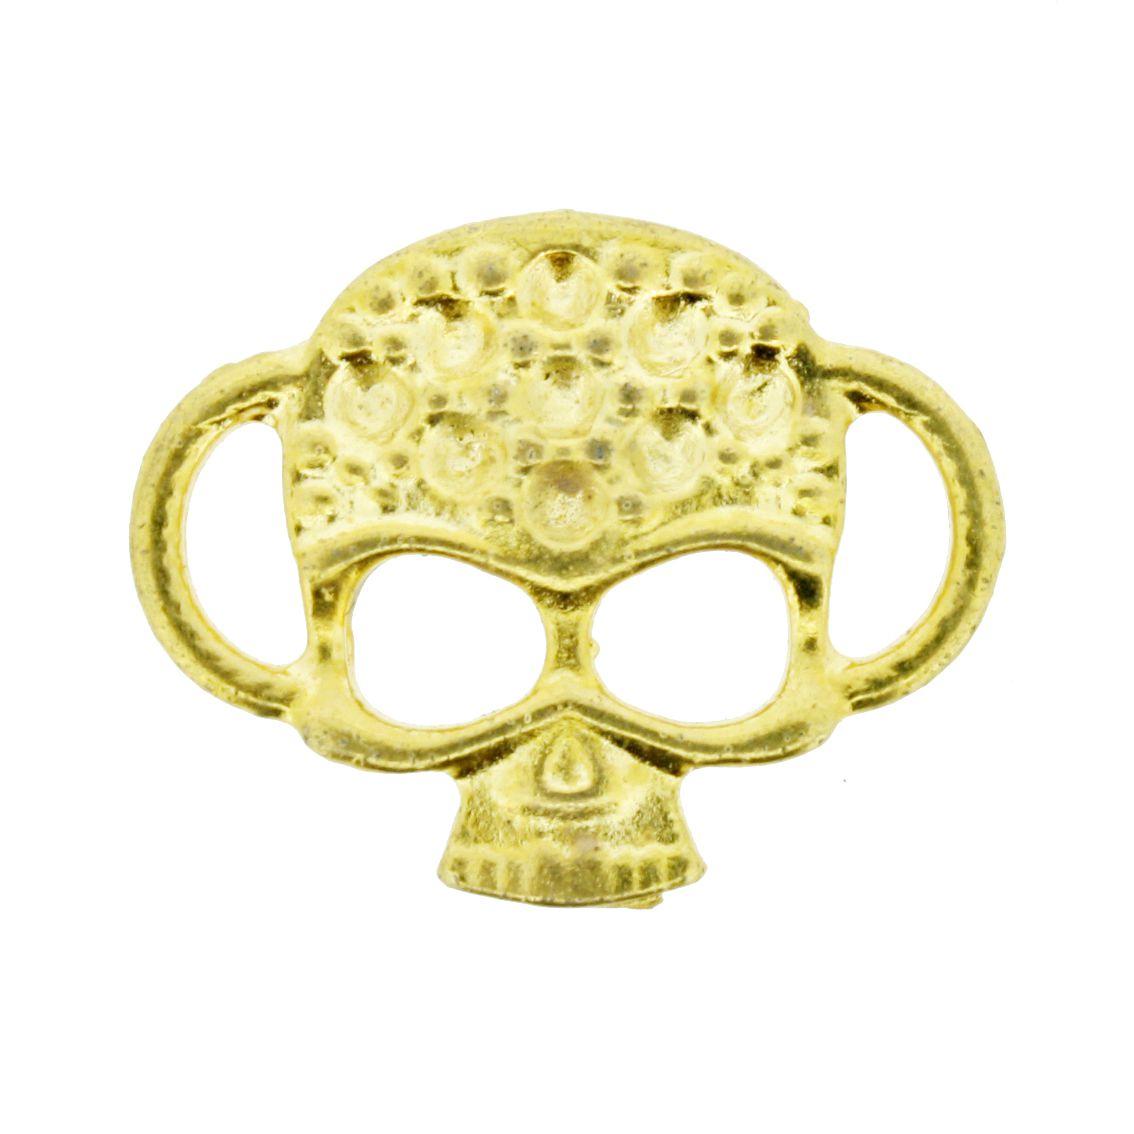 Caveira - Dourada - 20mm - 01 Peça  - Universo Religioso® - Artigos de Umbanda e Candomblé